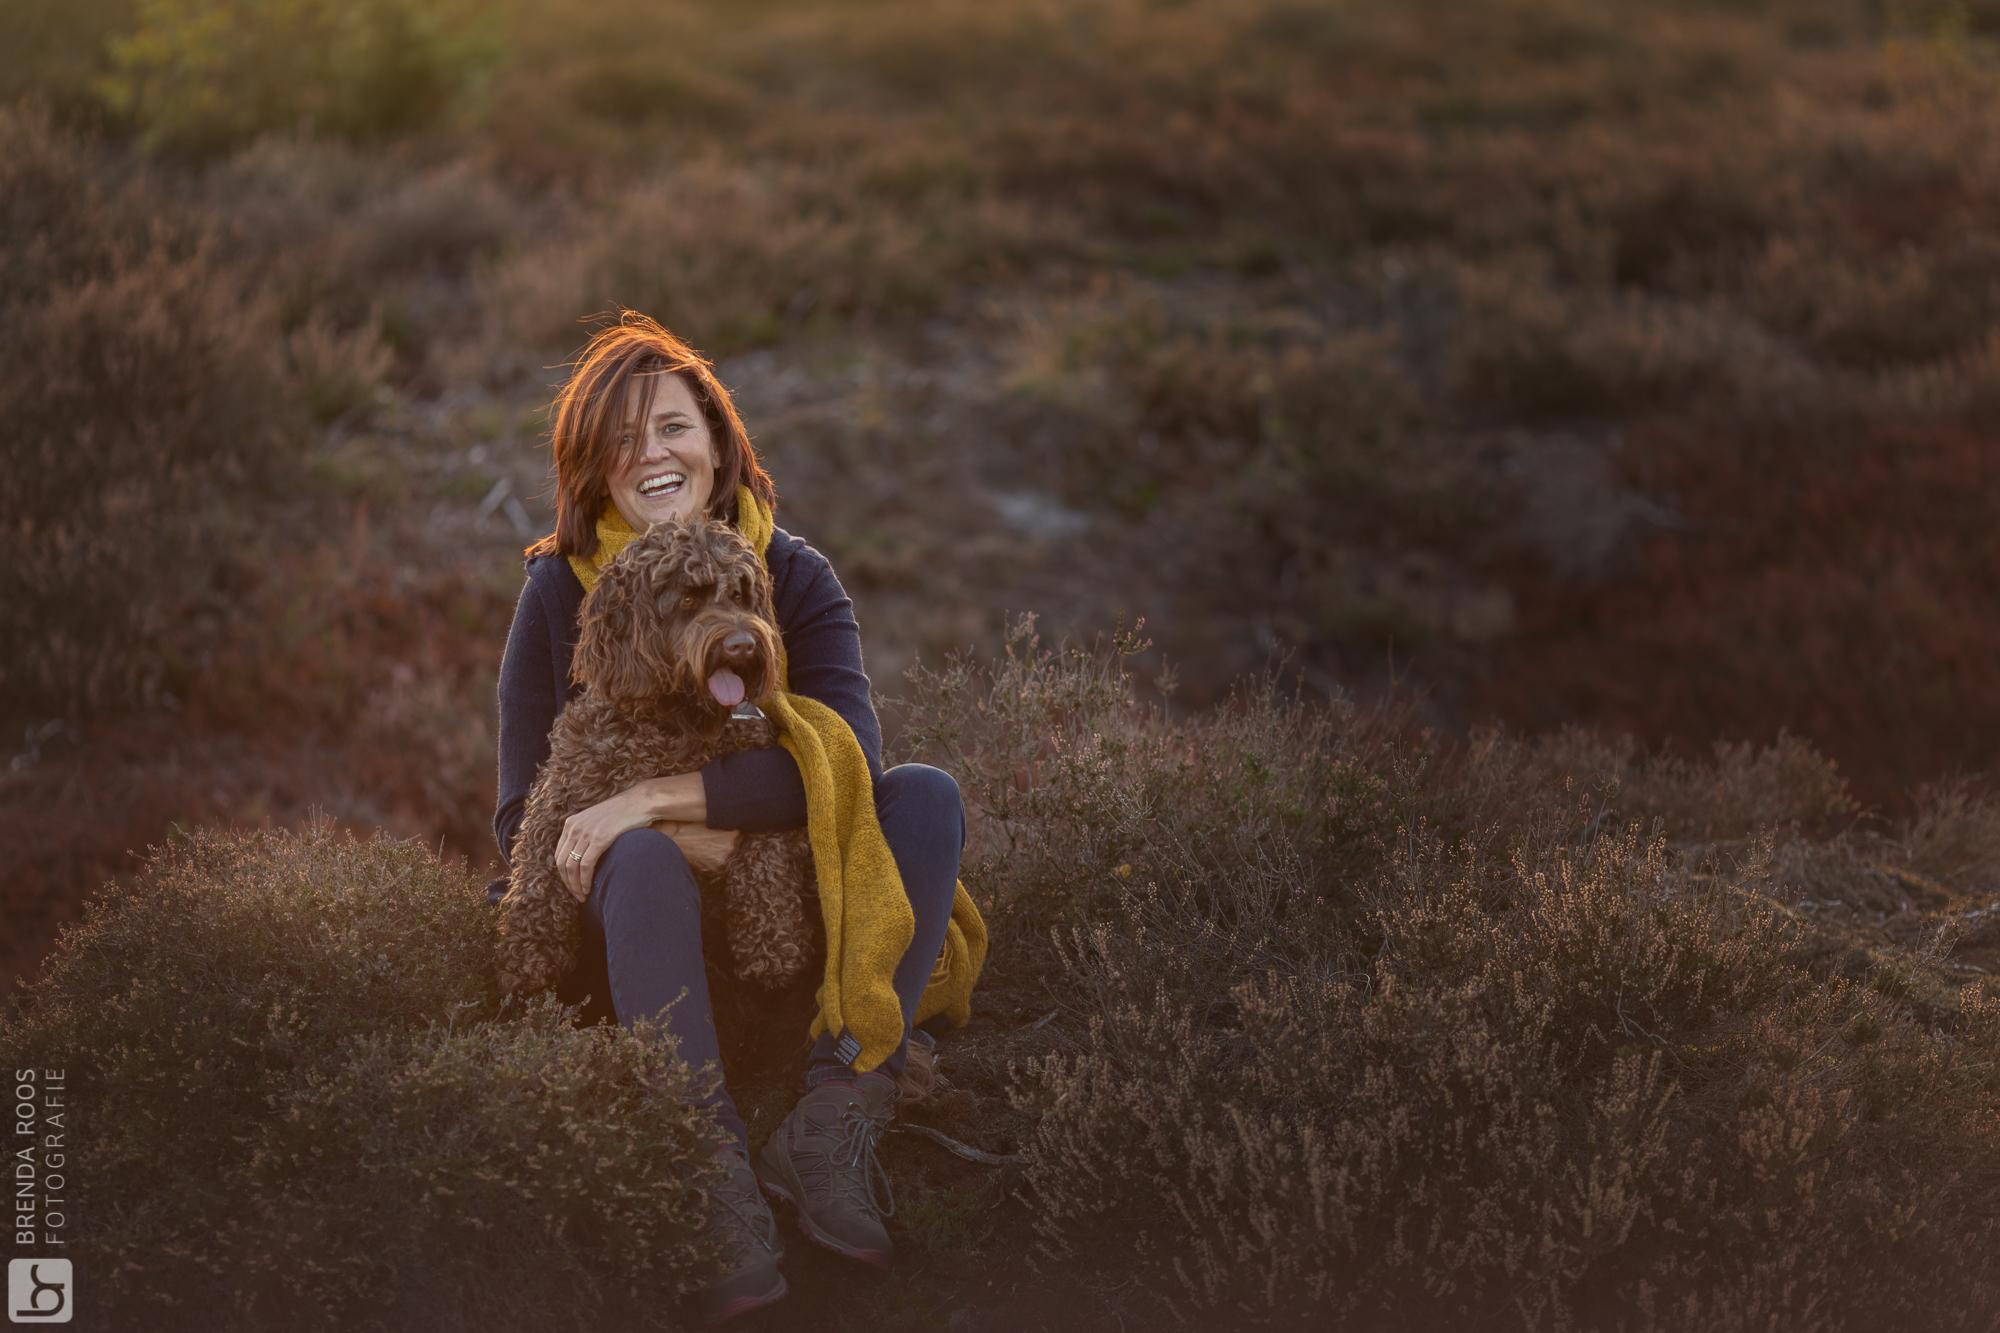 vrouw met hond Familie fotograaf | Fotograaf Lelystad & Veluwe | heide herfst elspeet ermelo | Fotoshoot